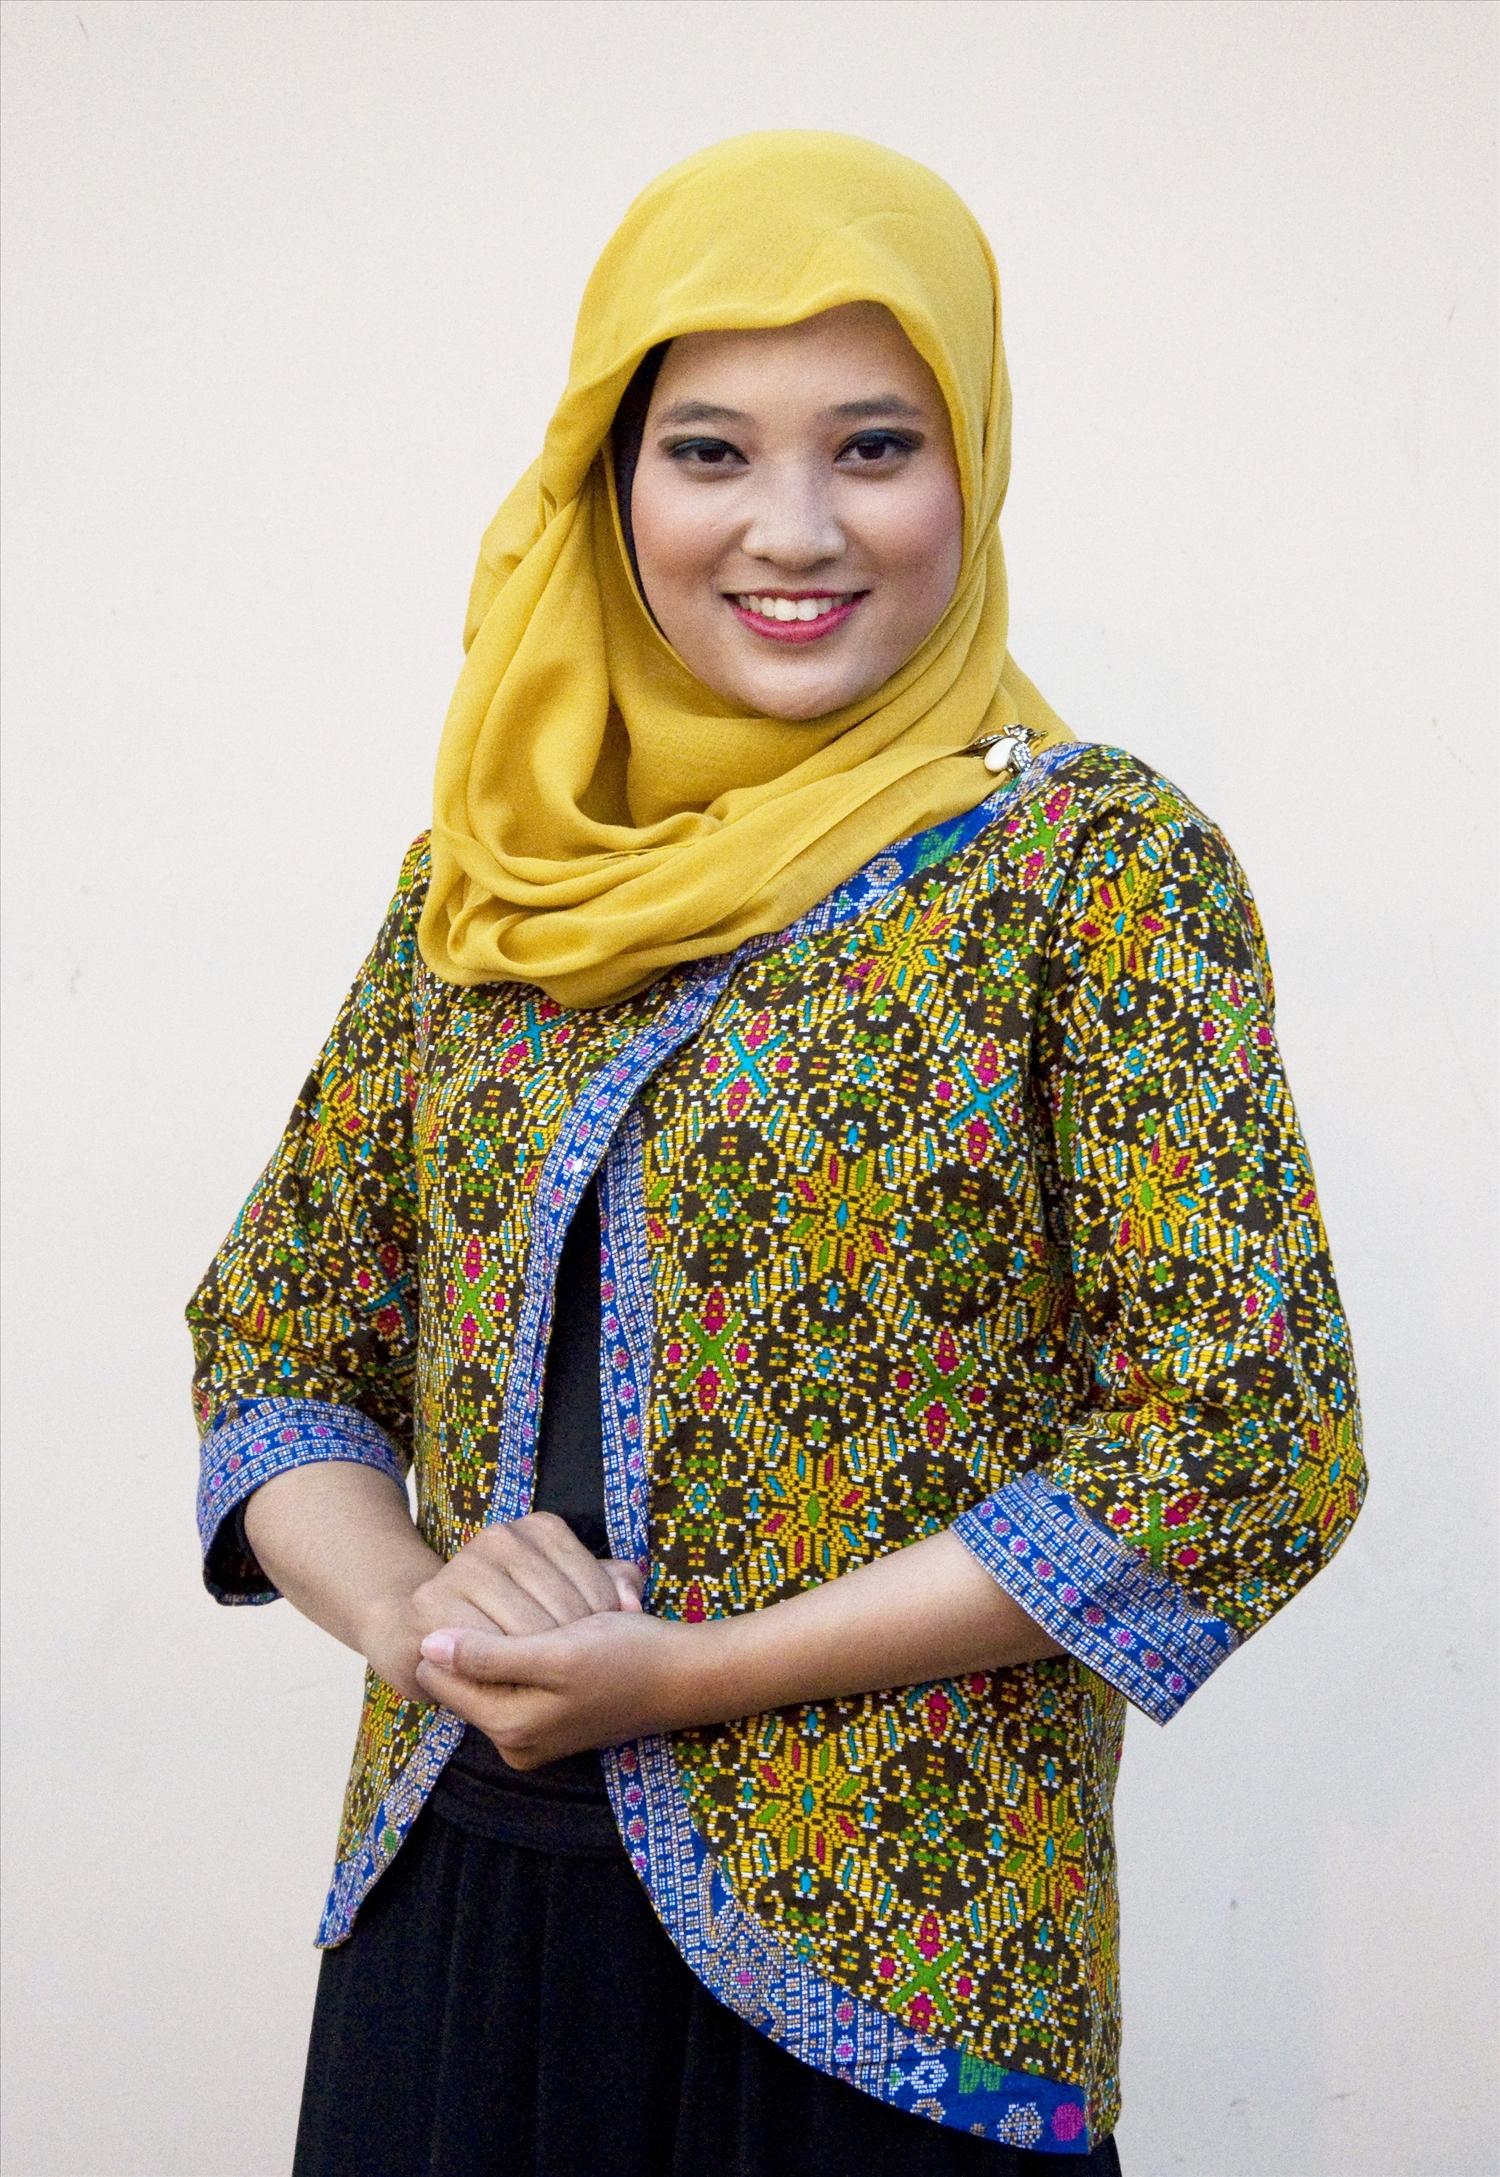 Vẻ đẹp truyền thống của cô gái Indonesia